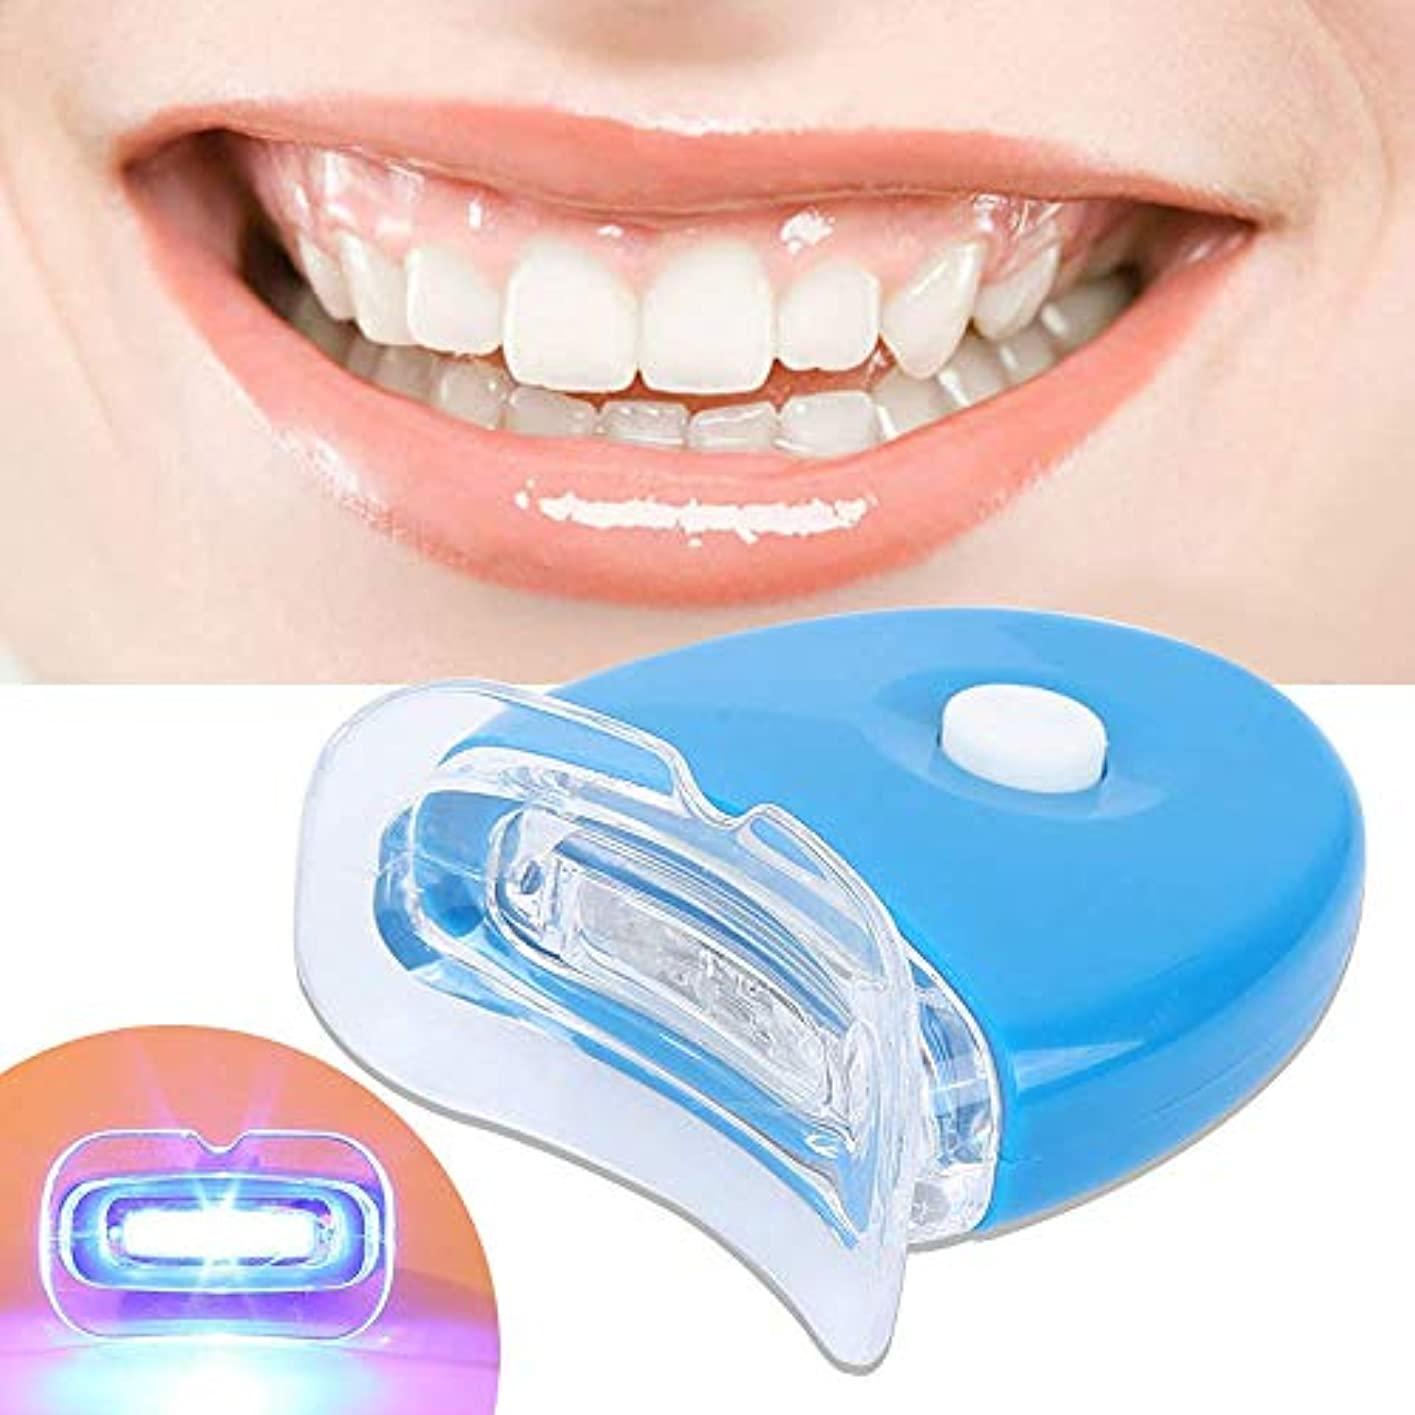 アミューズ洗練あらゆる種類のオフィスの家の十代の若者たちのための歯のホワイトナーの心配の健康な歯科白くなるLEDライトを白くする歯